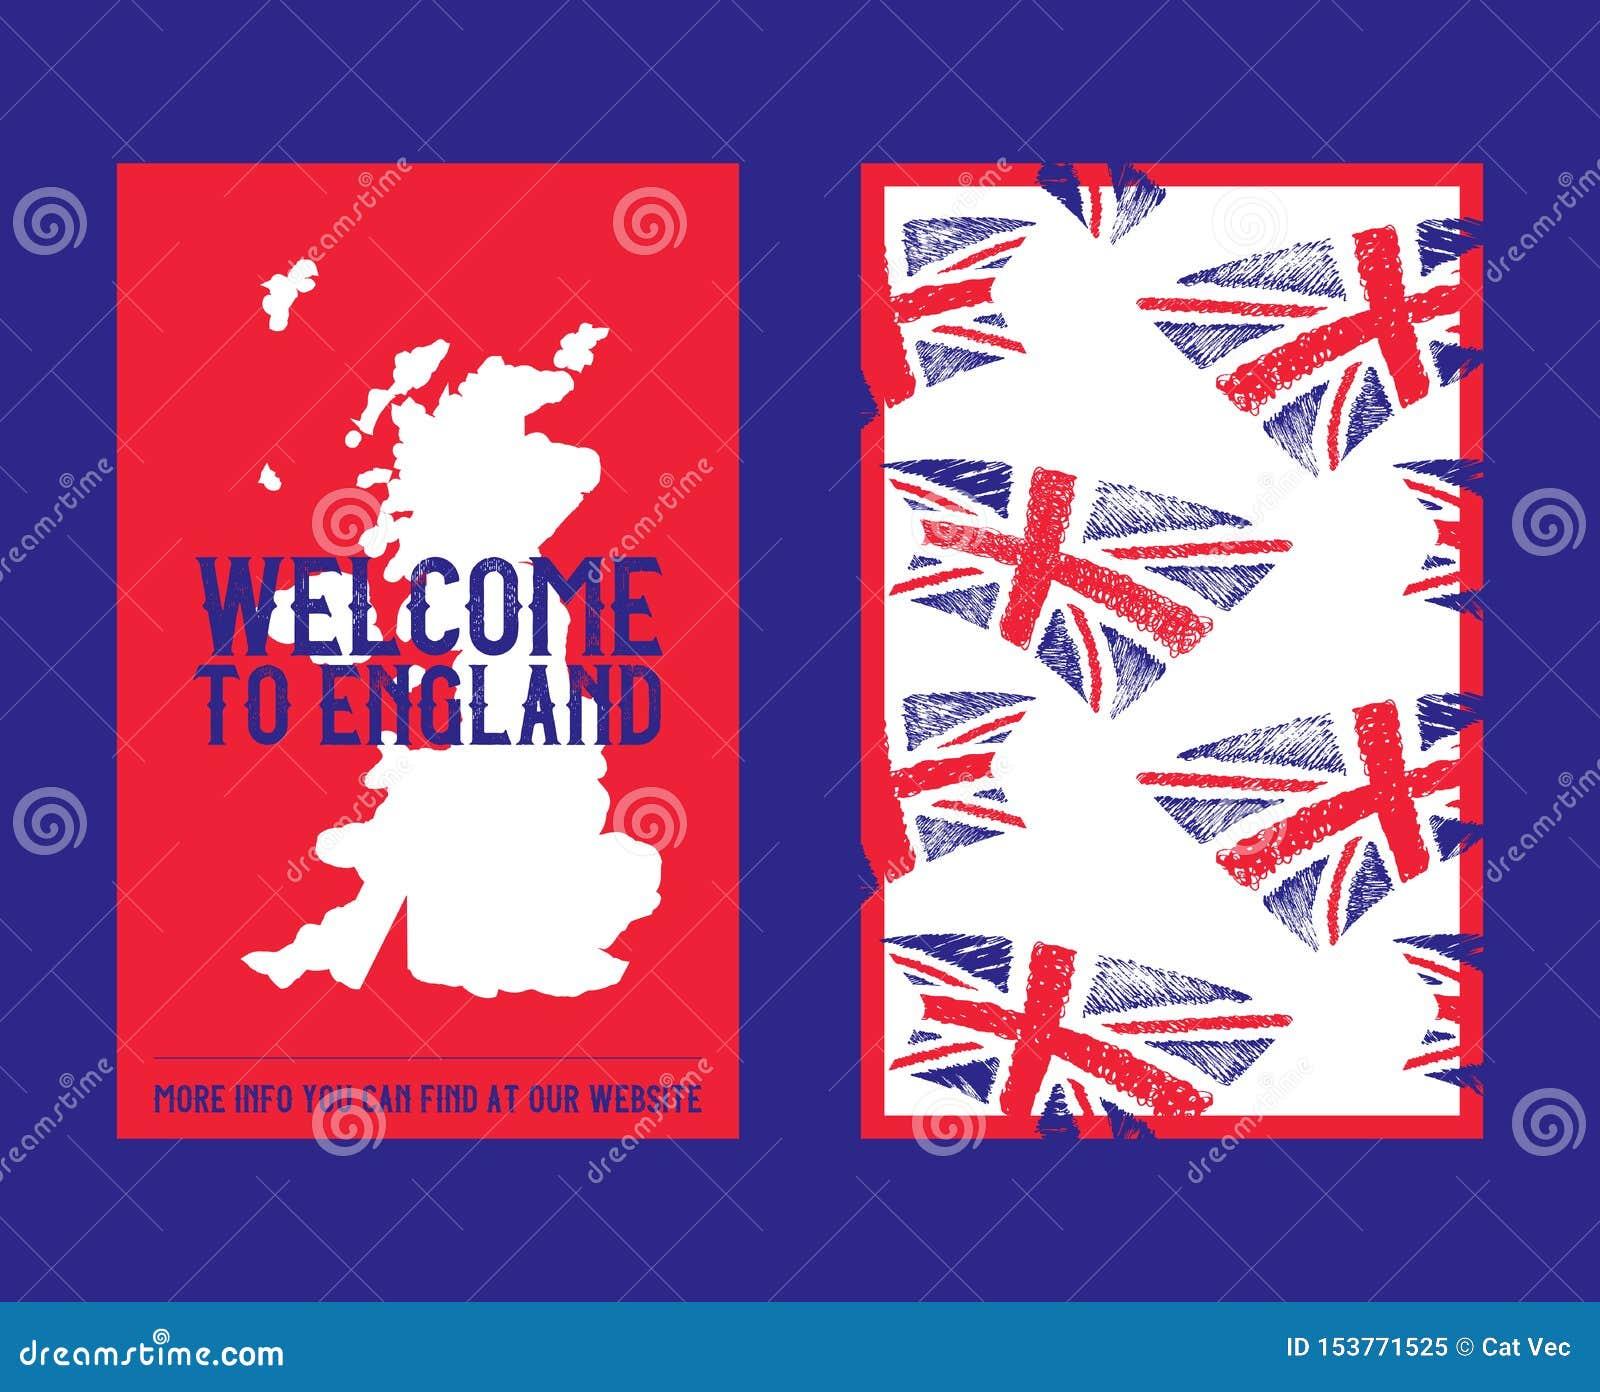 Bandera De Inglaterra Reino Unido Con Pinceladas O Pinturas Y Ilustración De Los Mapas En Inglés Gran Bretaña Ilustración Del Vector Ilustración De Aislado Muestra 153771525